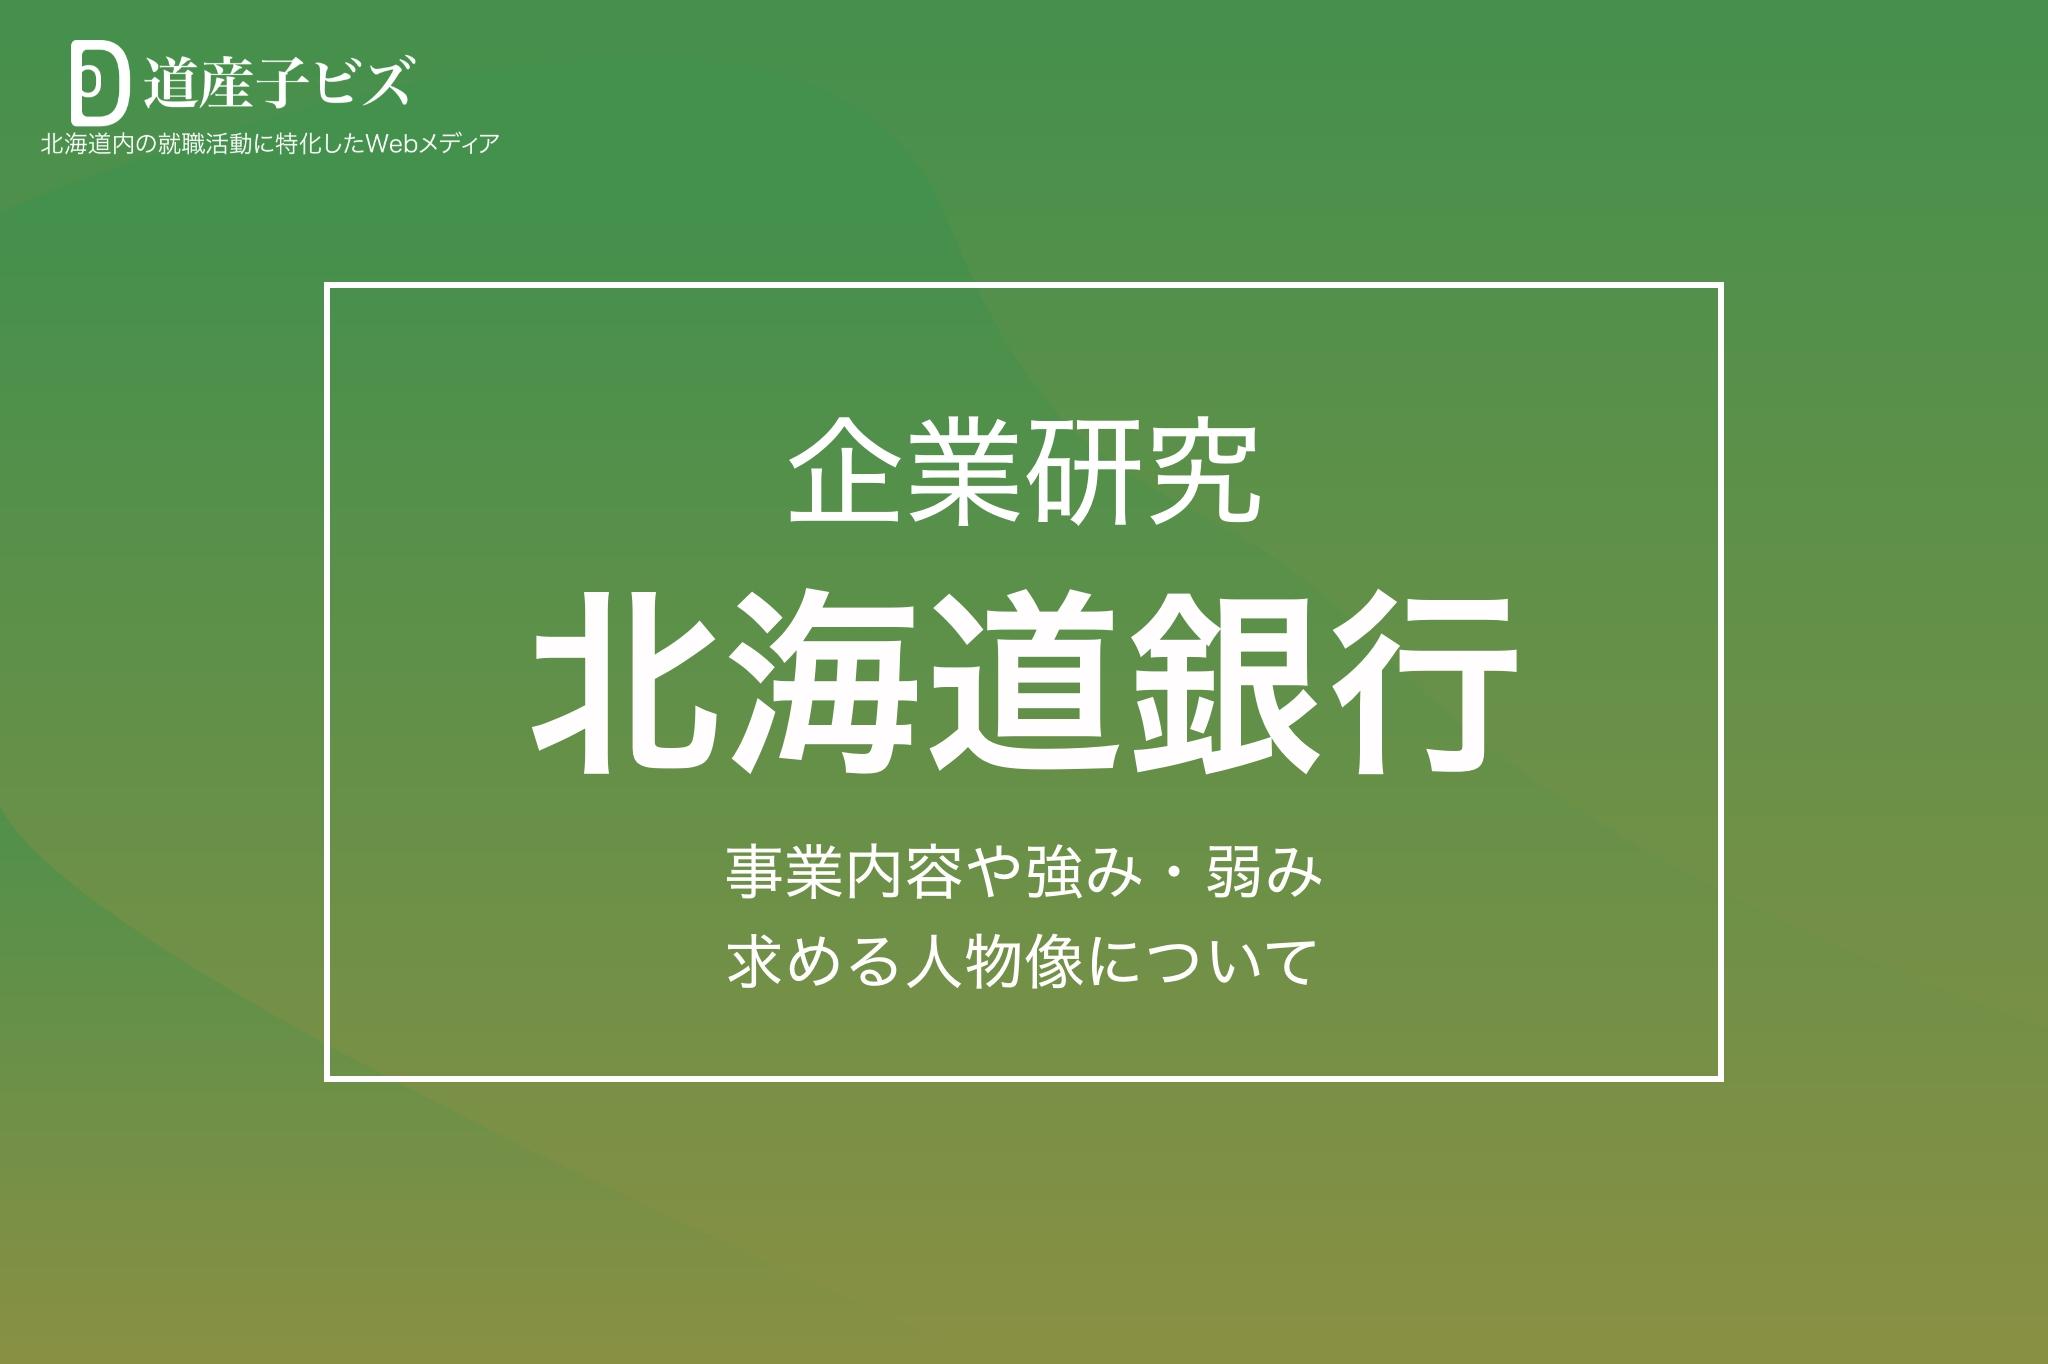 北海道銀行の企業研究を完全網羅!事業内容や強み、社風などを徹底解説